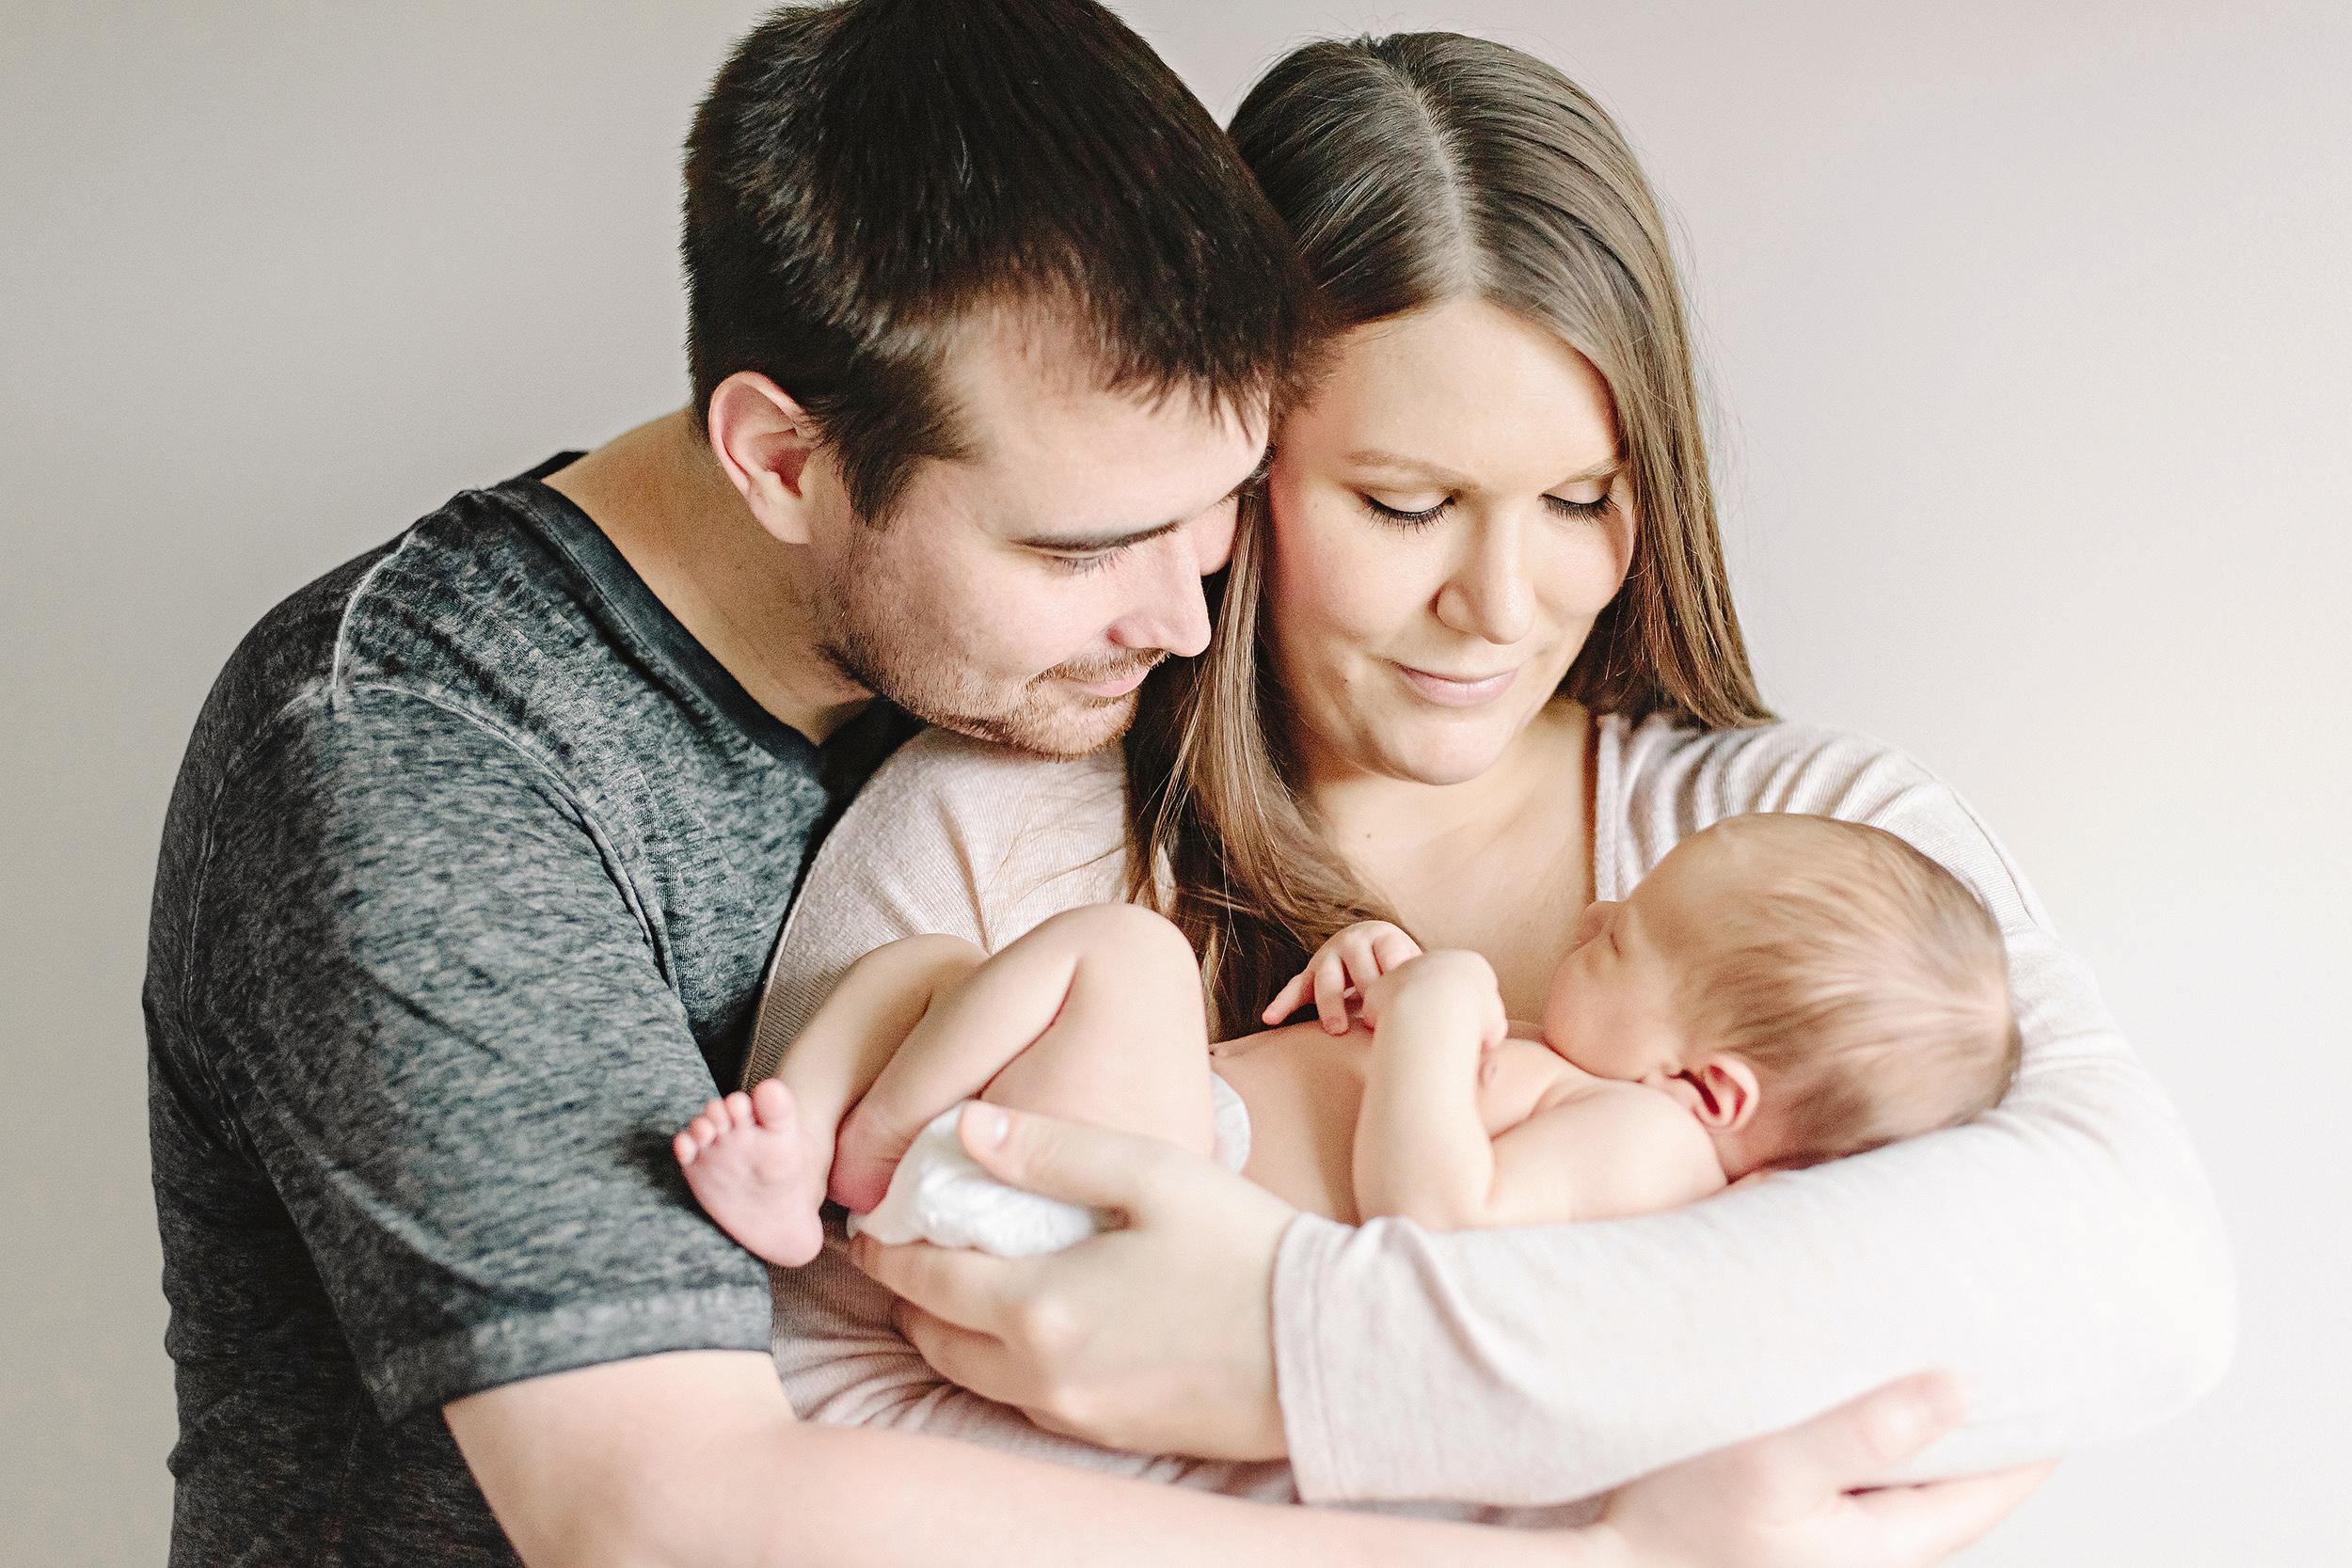 Lifestyle Newborn Photography | Cassie Schott Photography